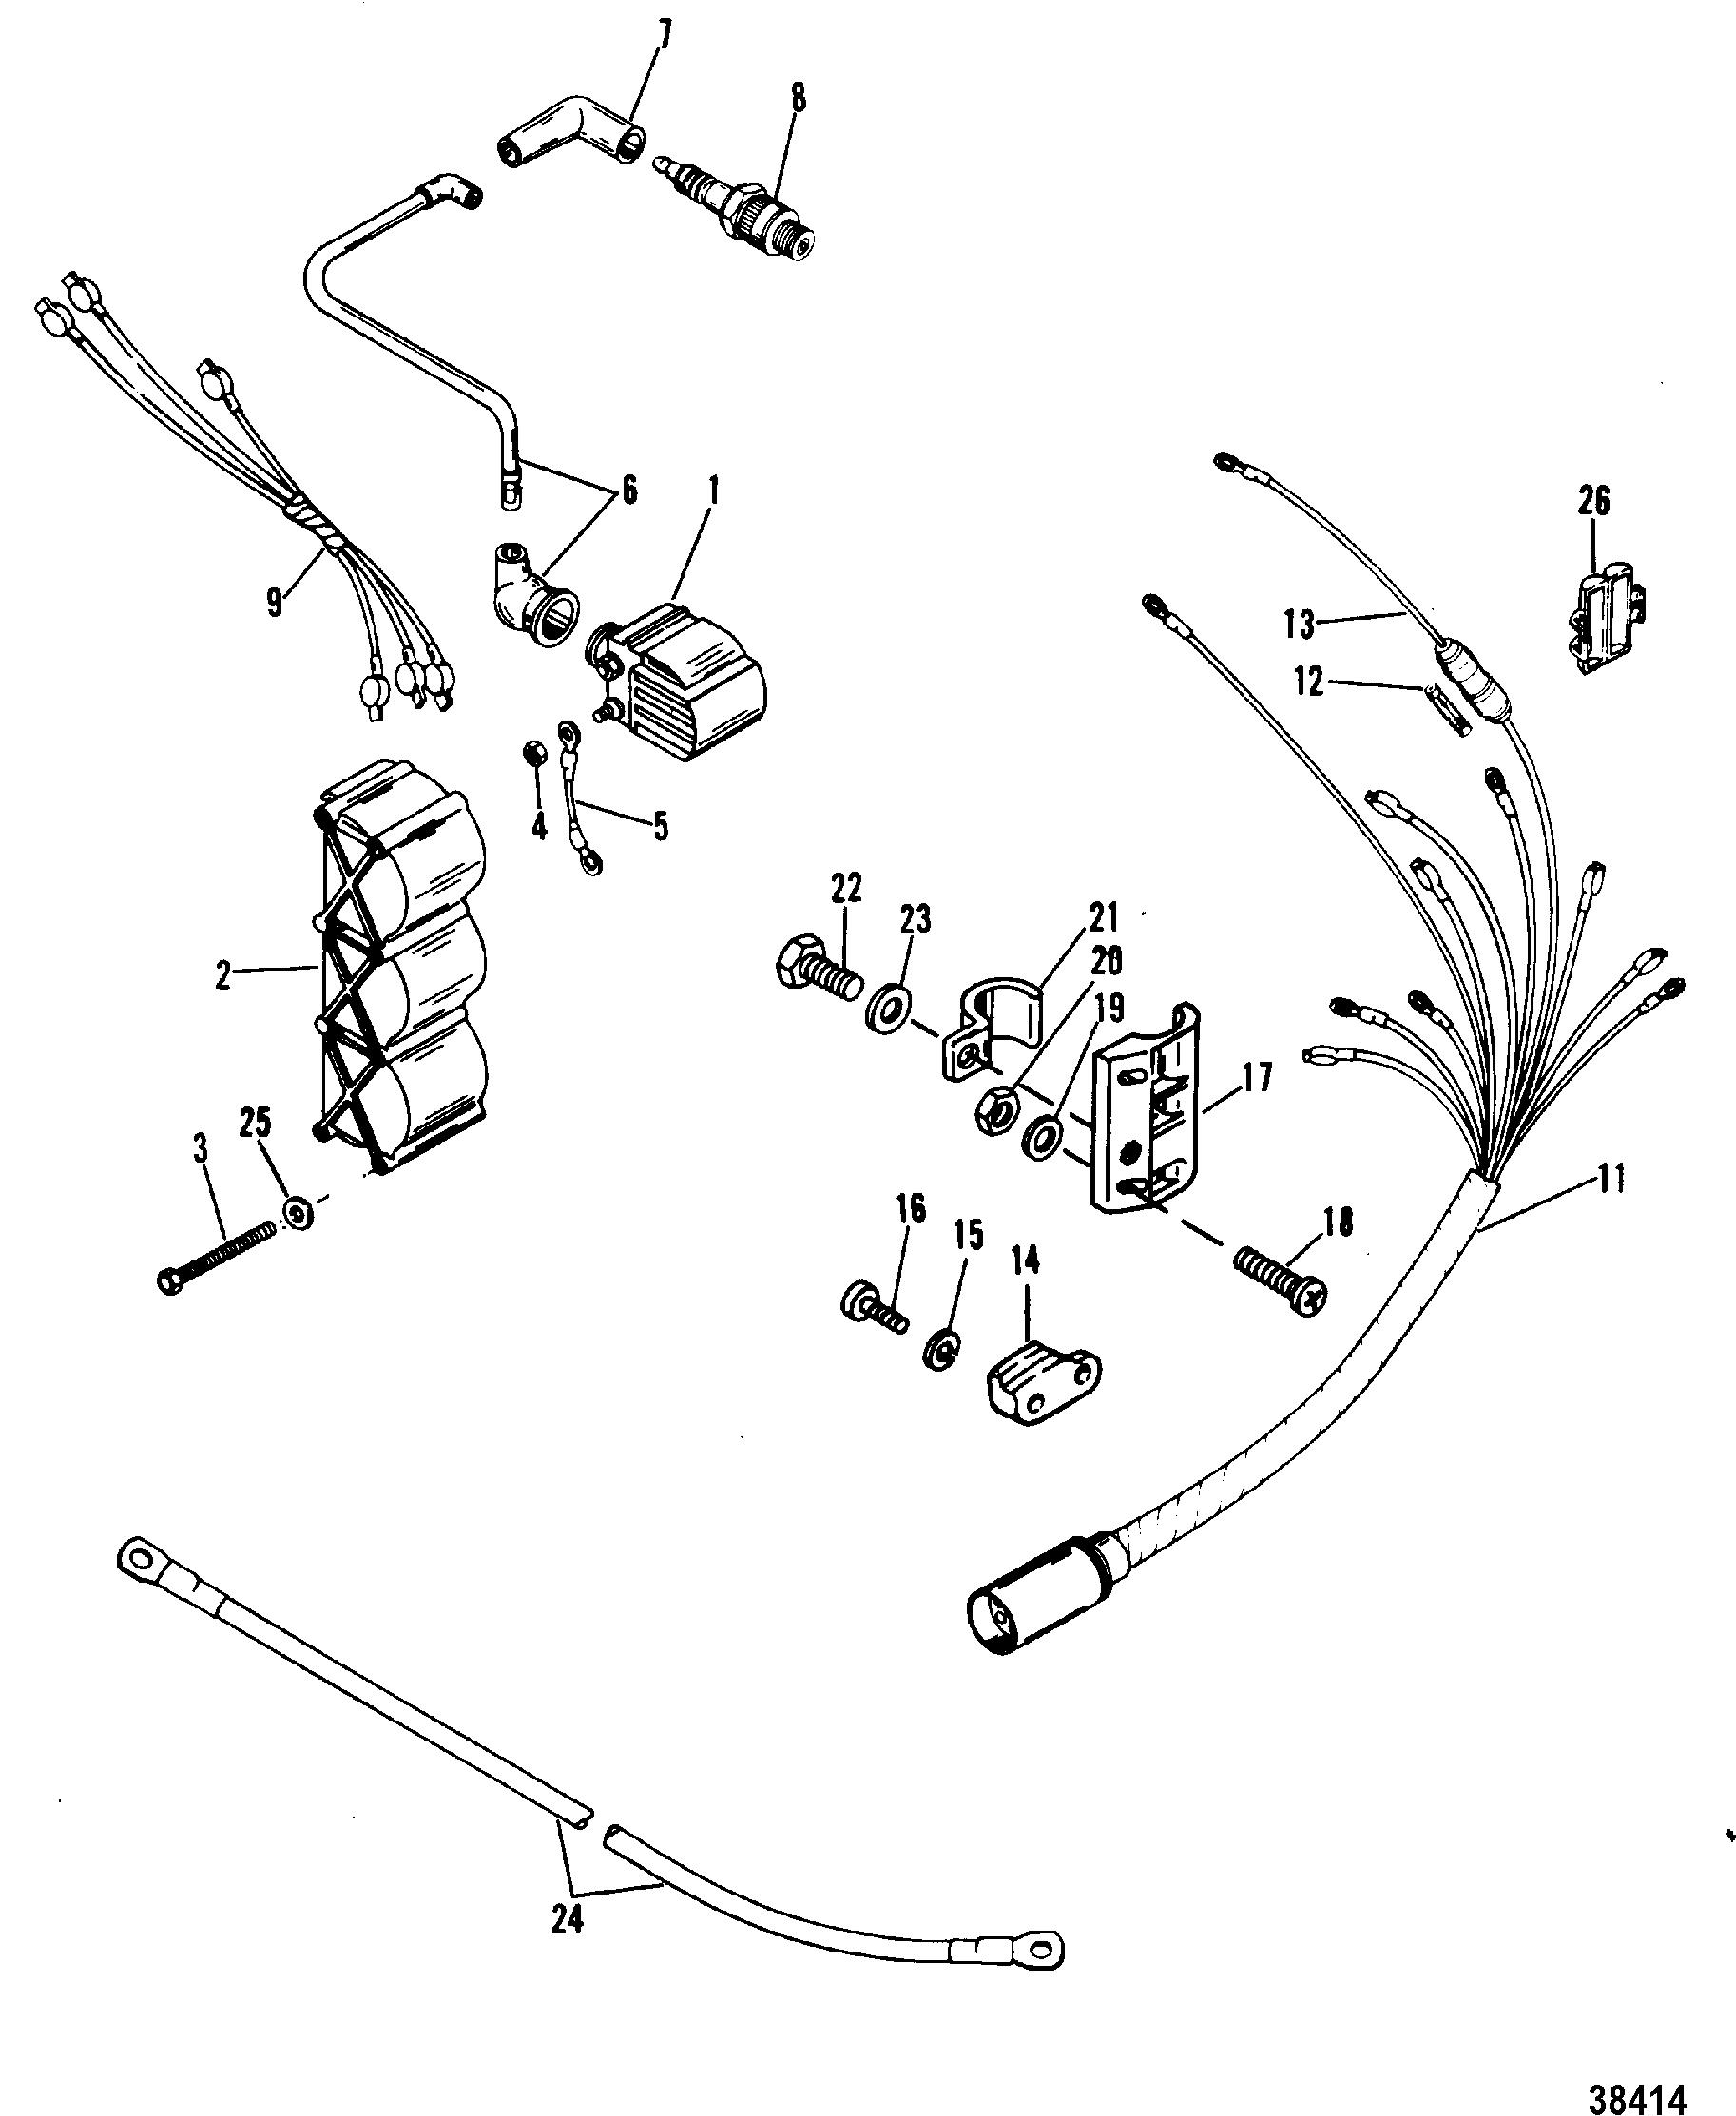 Mercury 115 4 Stroke Wiring Diagram - Diagrams Catalogue